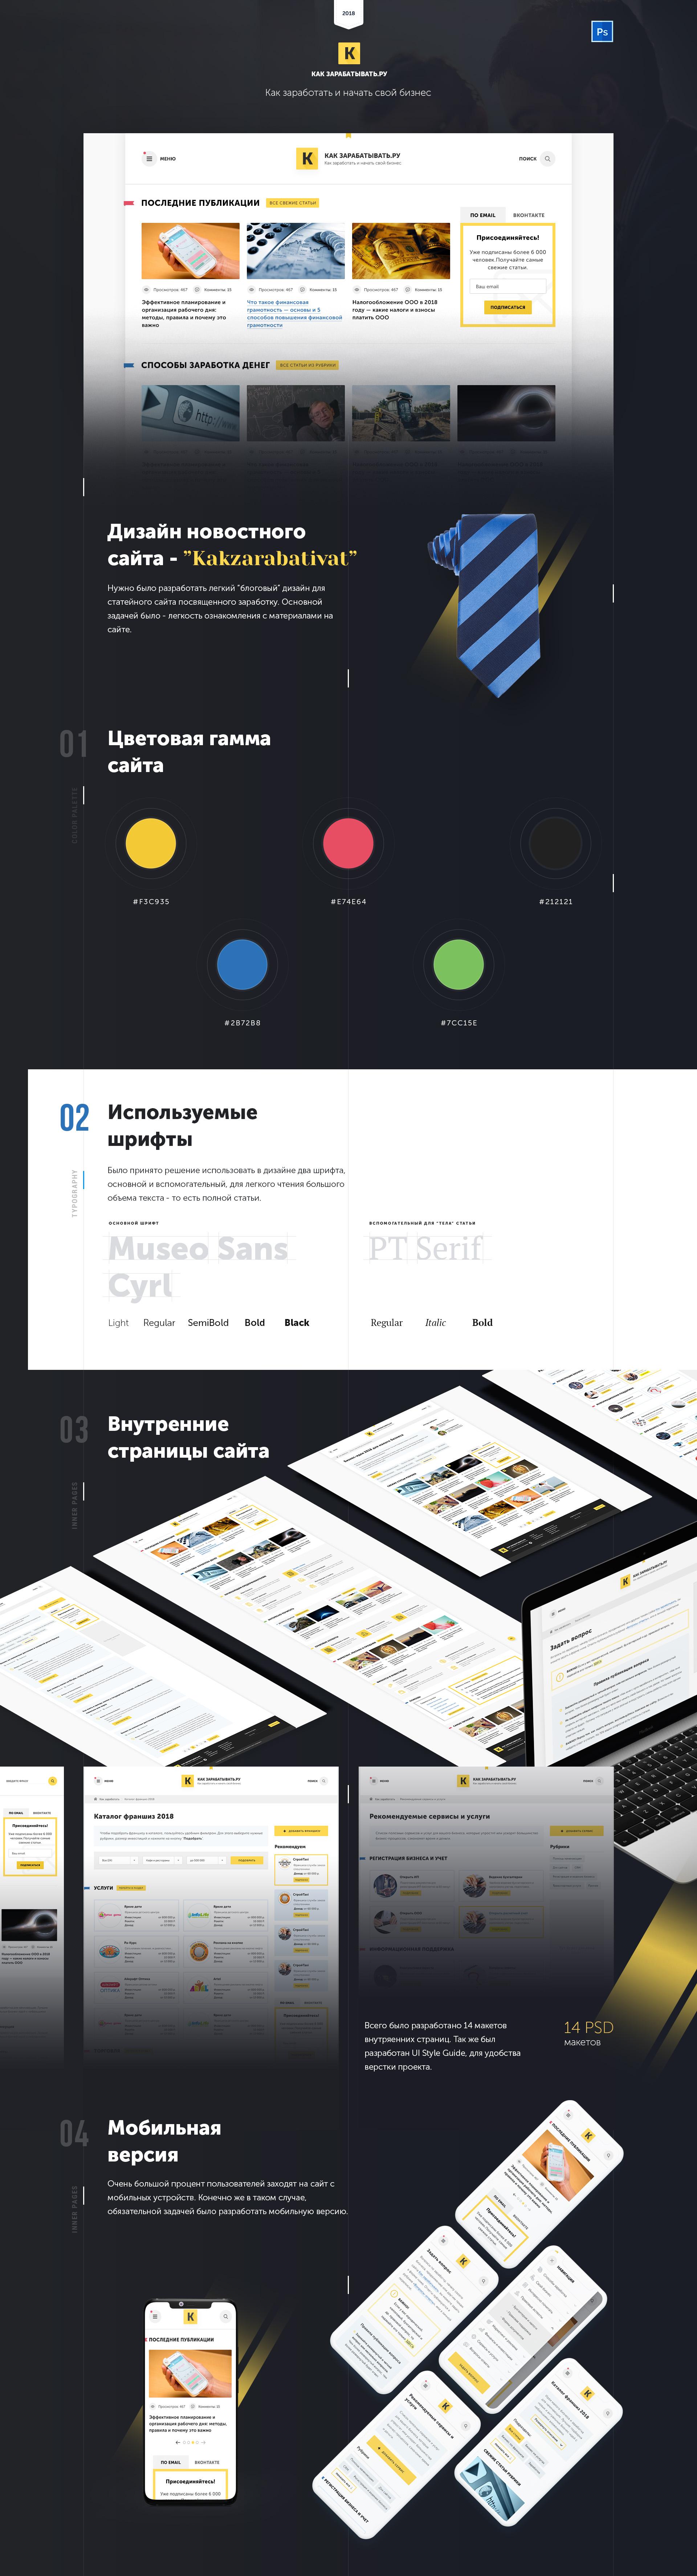 Дизайн информационного сайта бизнес тематики